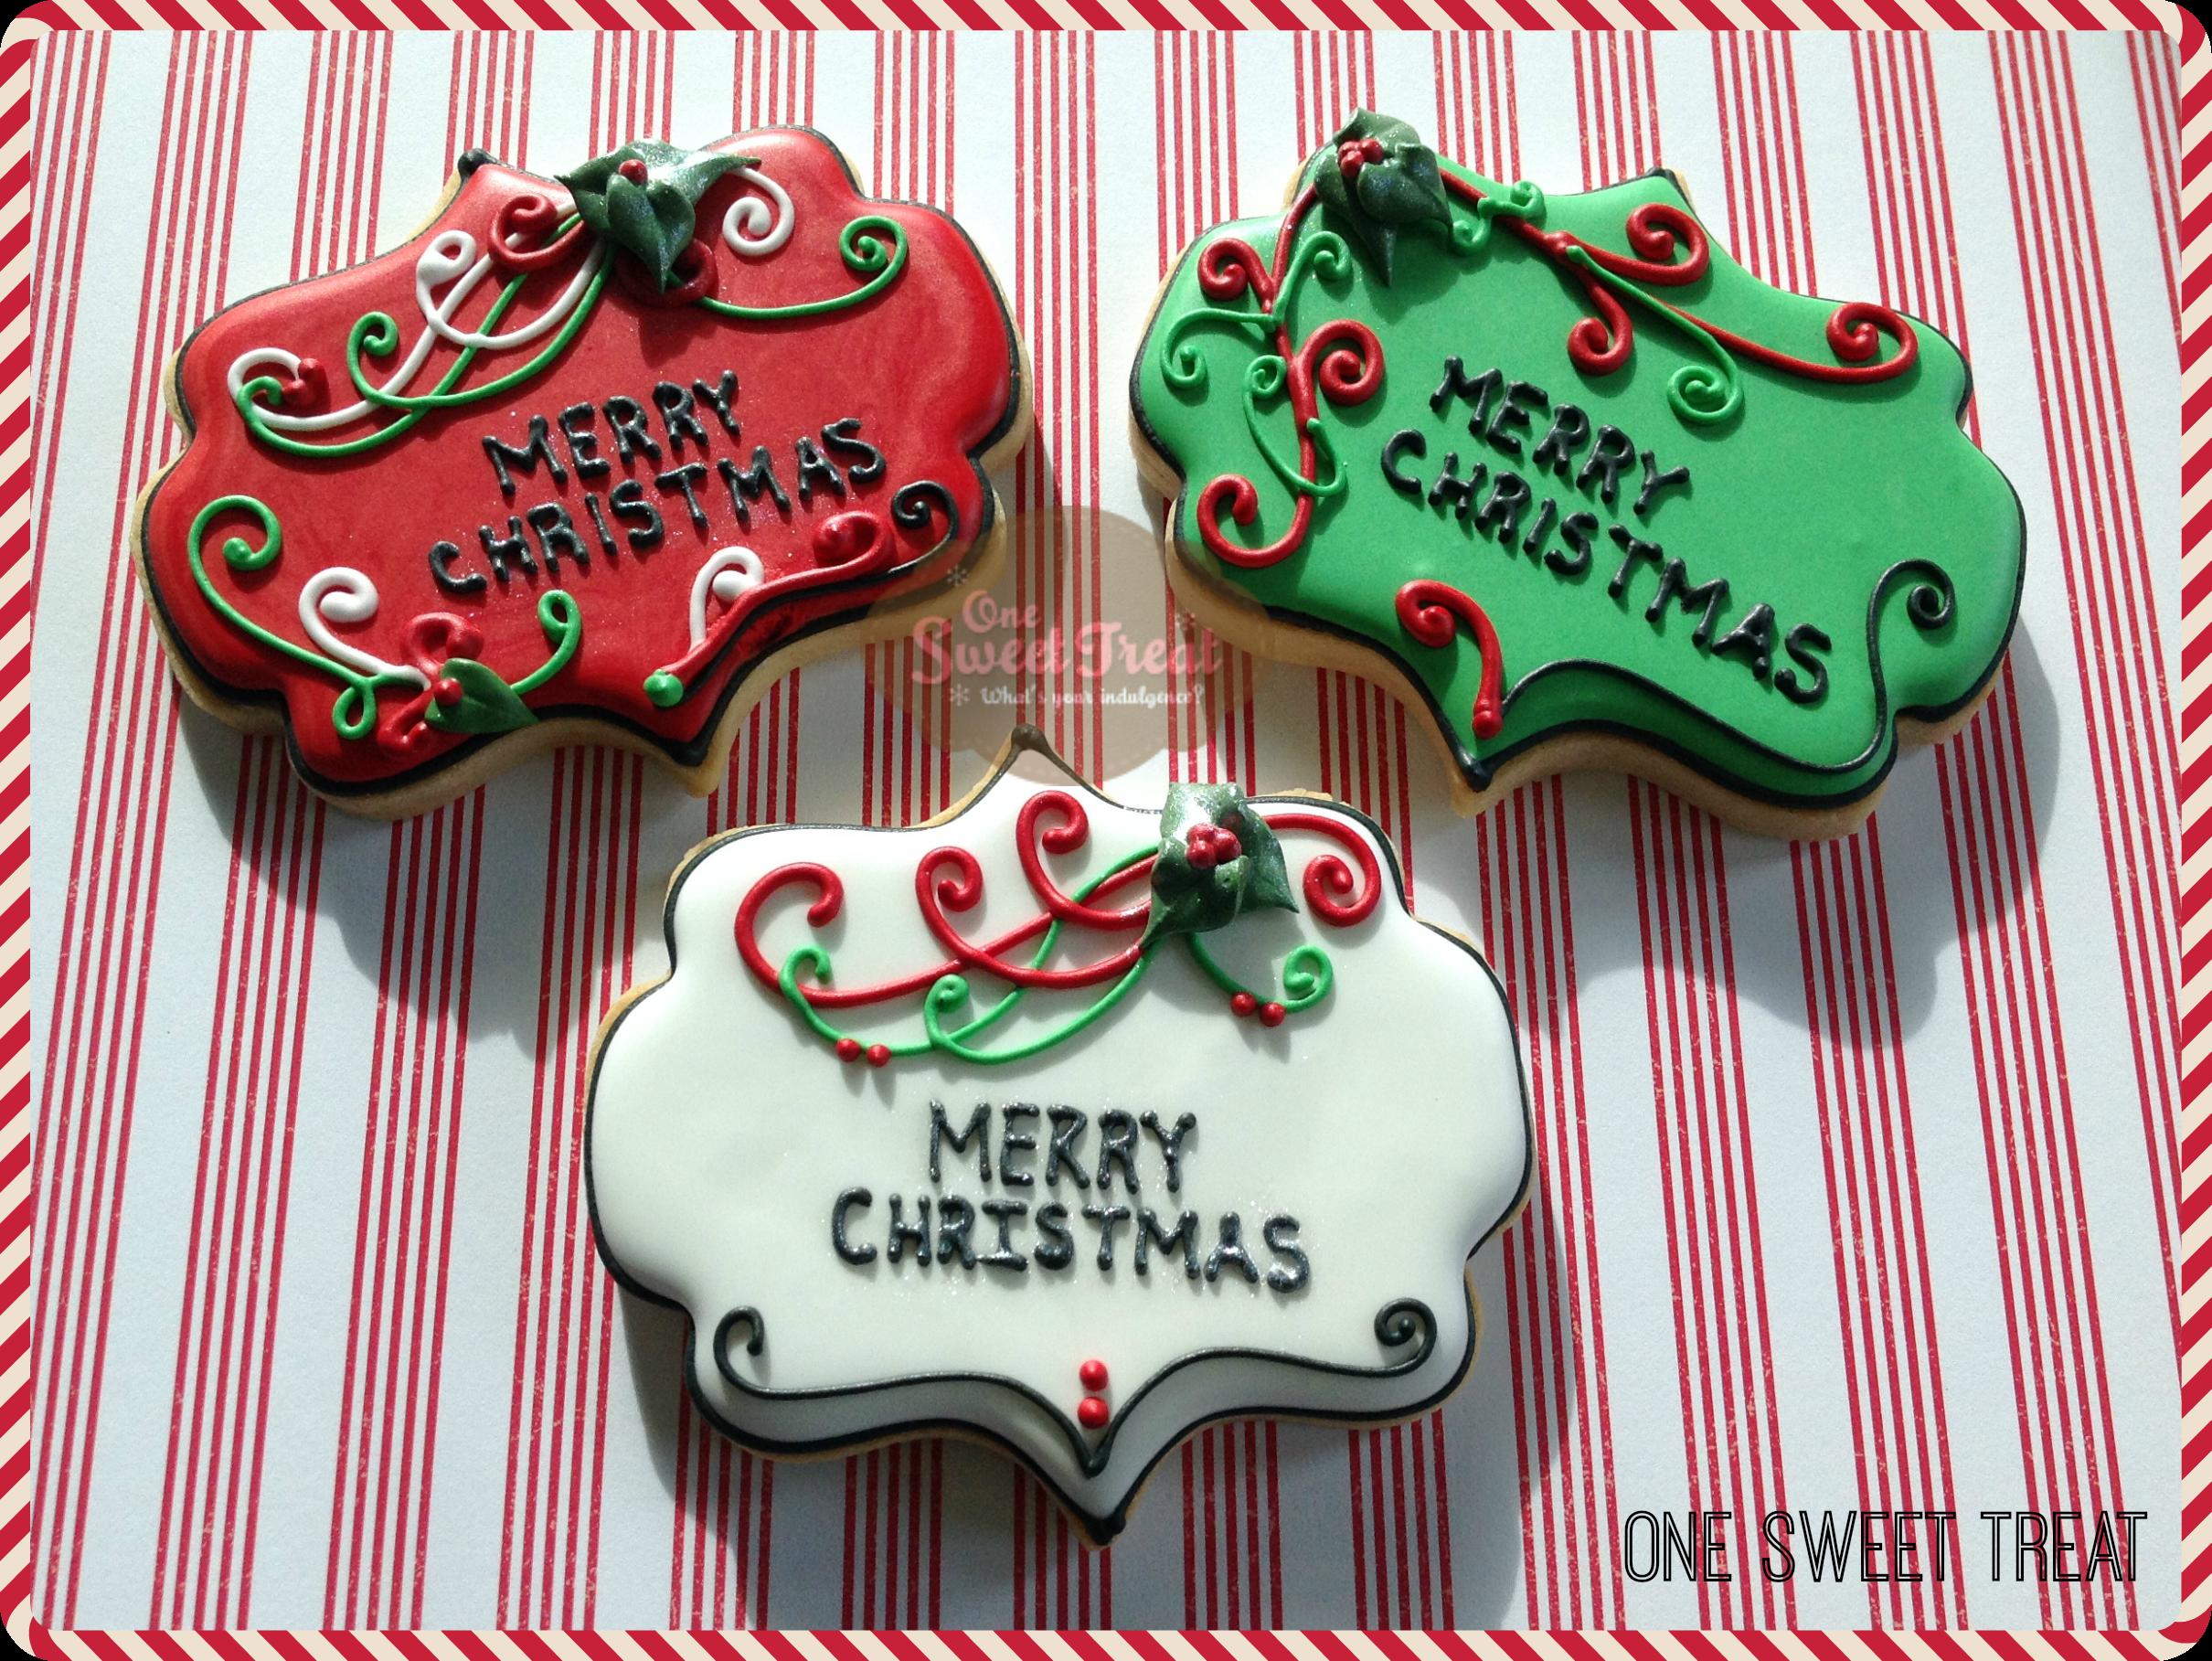 merry-christmas-img_4785